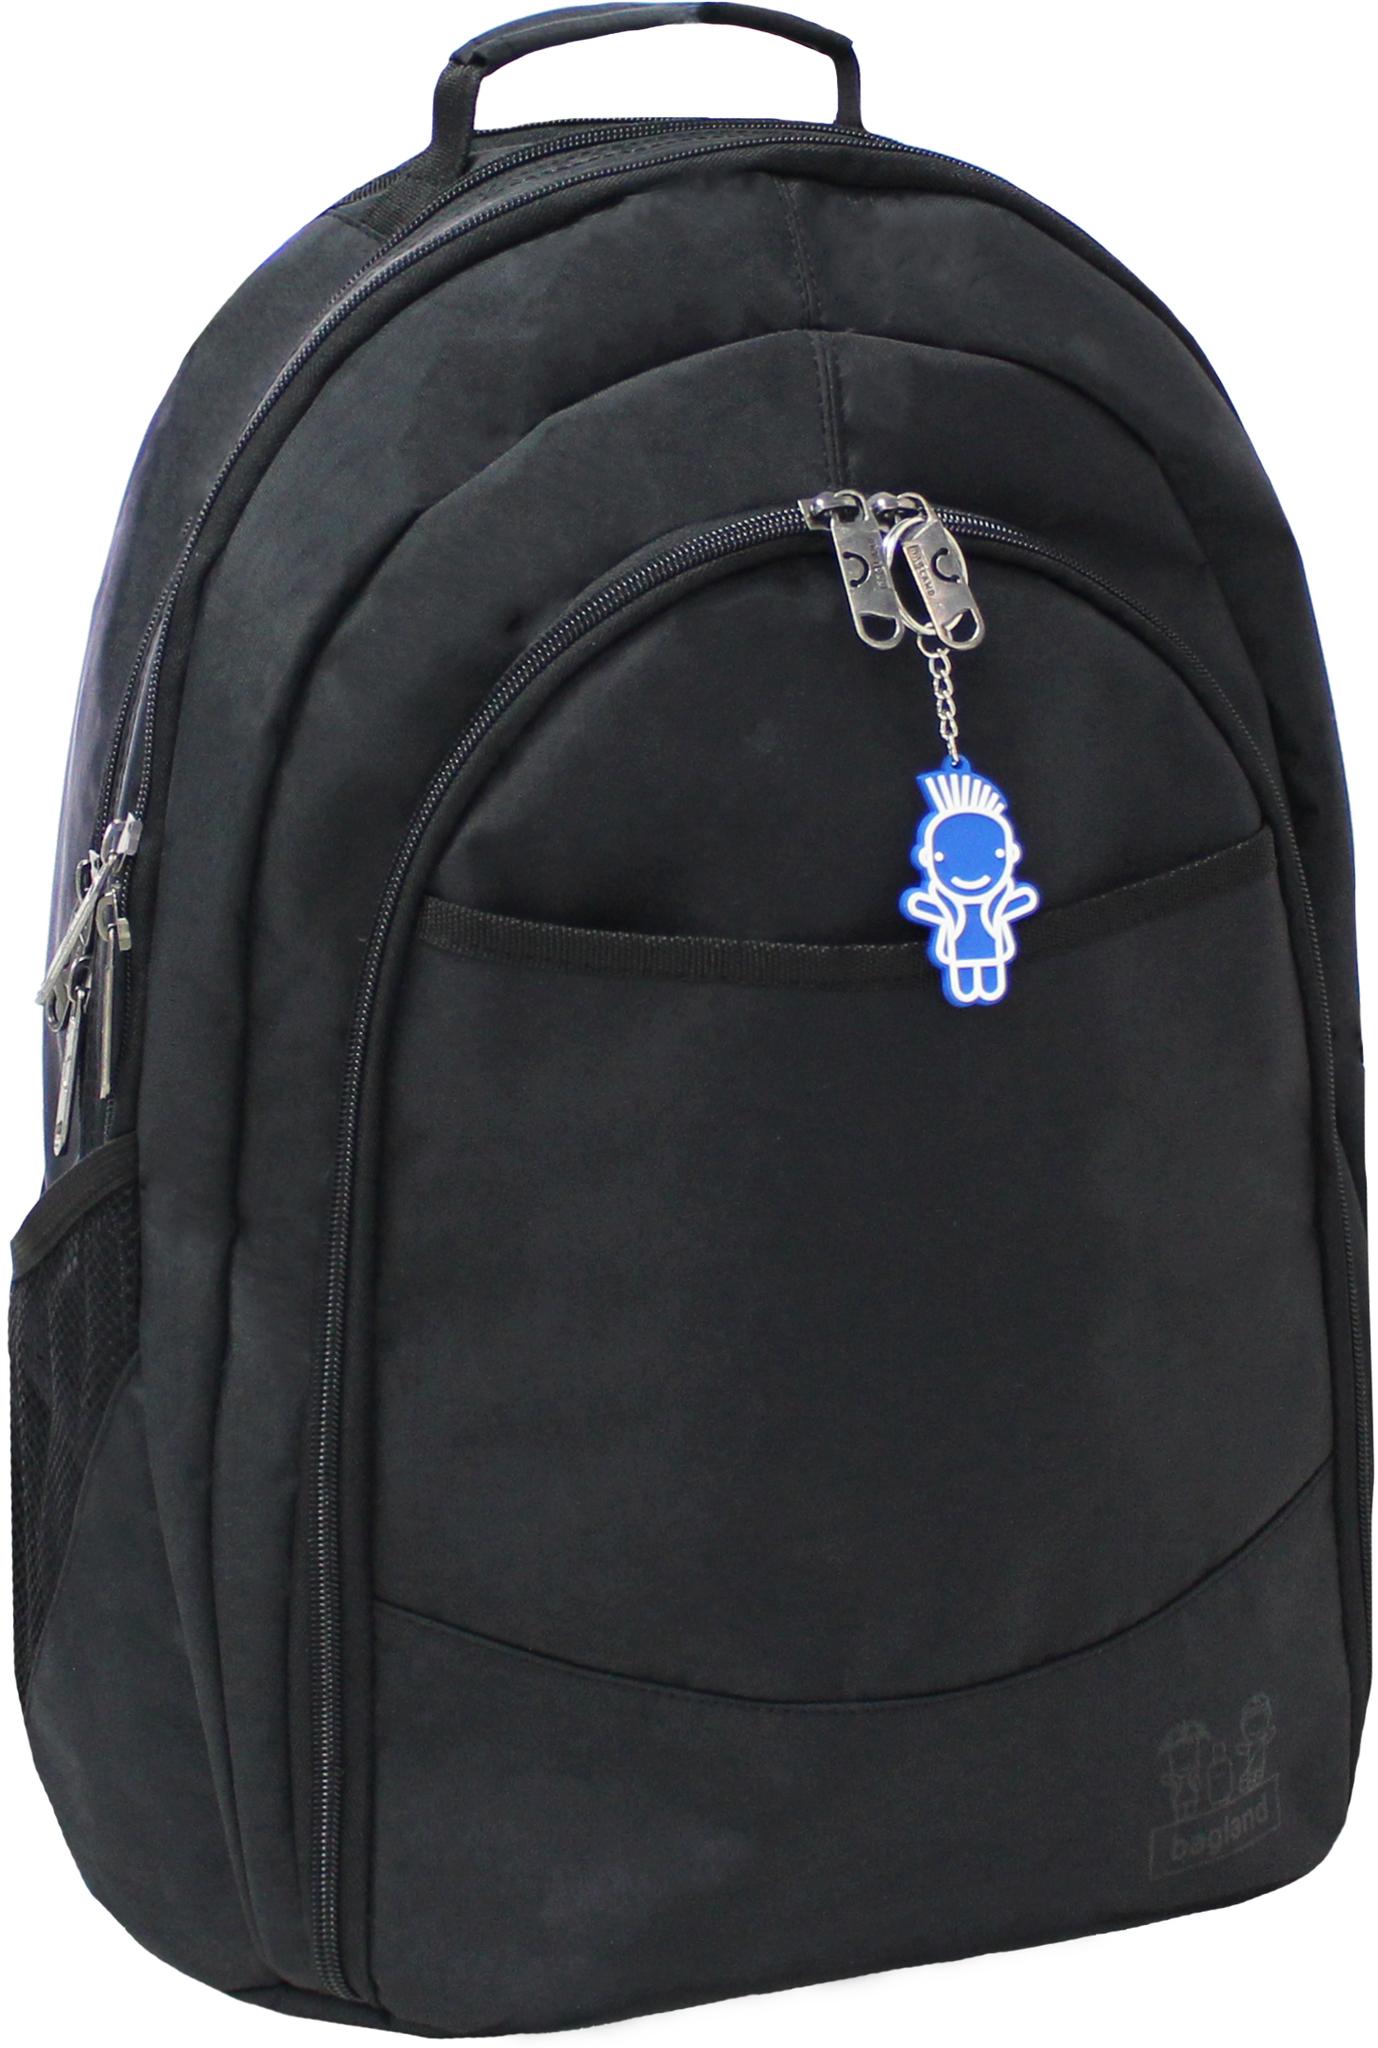 Городские рюкзаки Рюкзак Bagland Сити max 34 л. Чёрный (0053970) IMG_5979.JPG